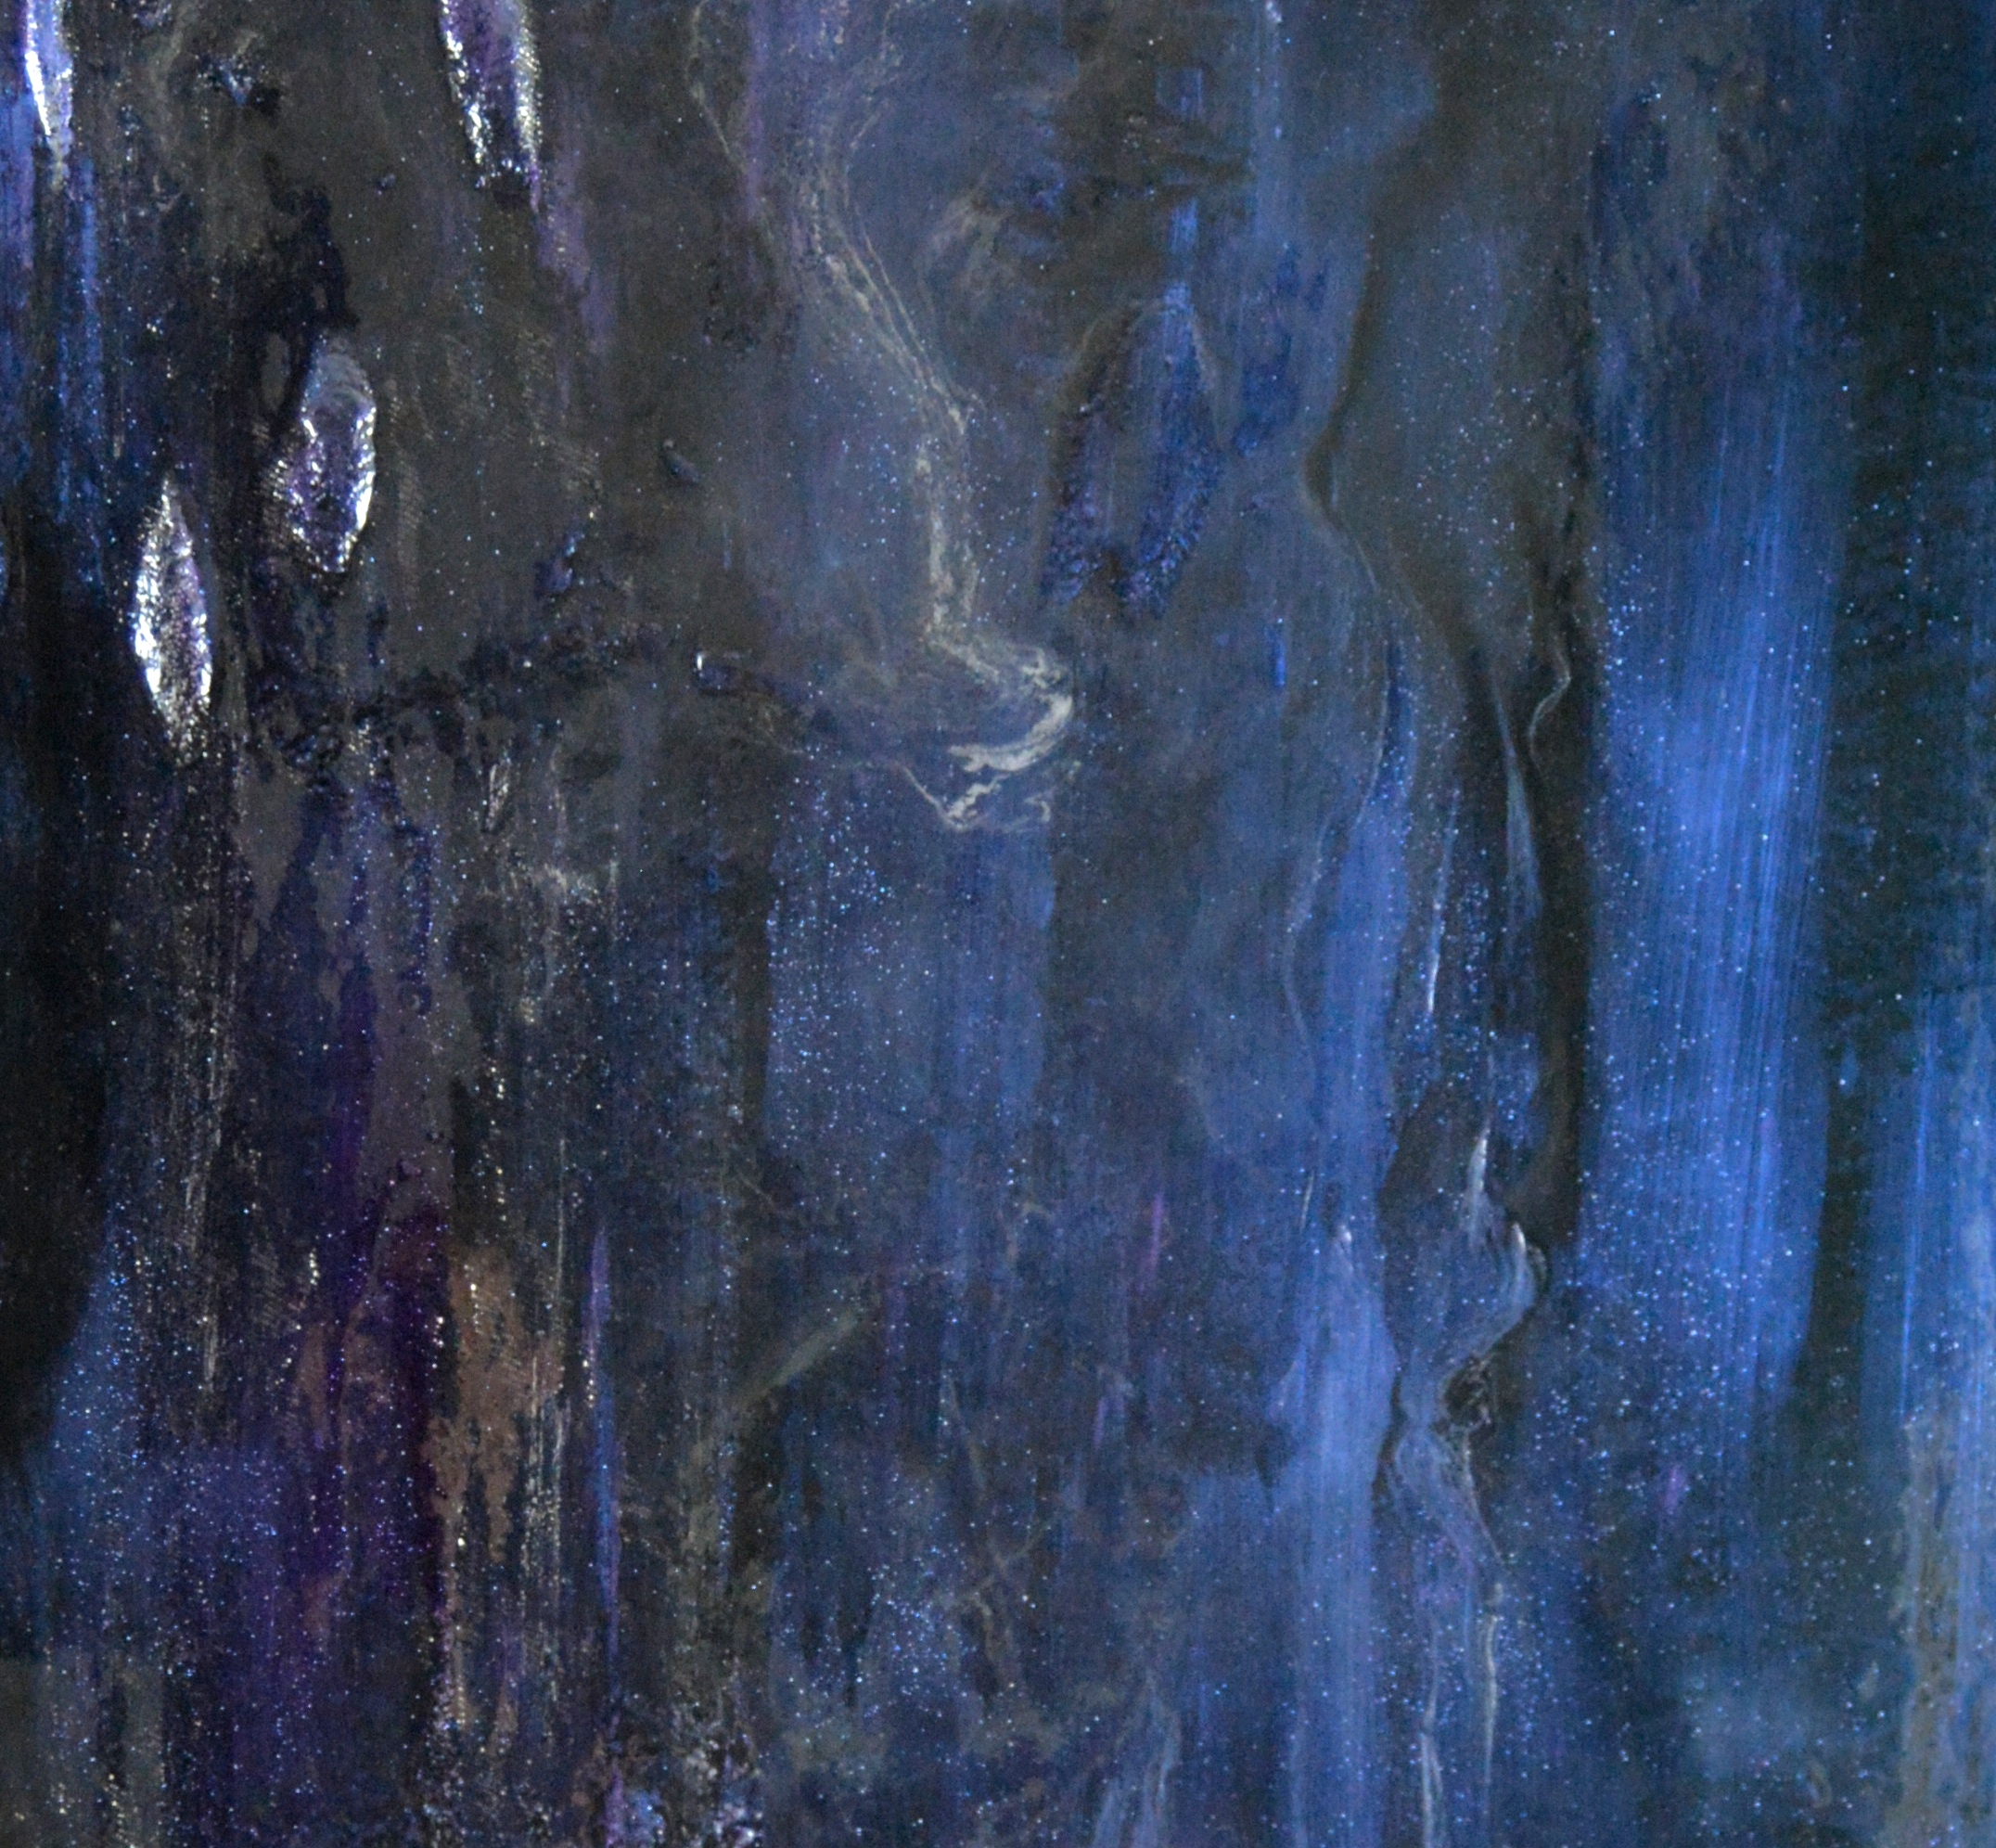 Tom Ford (Detail) - Sarah Raskey Fine Art